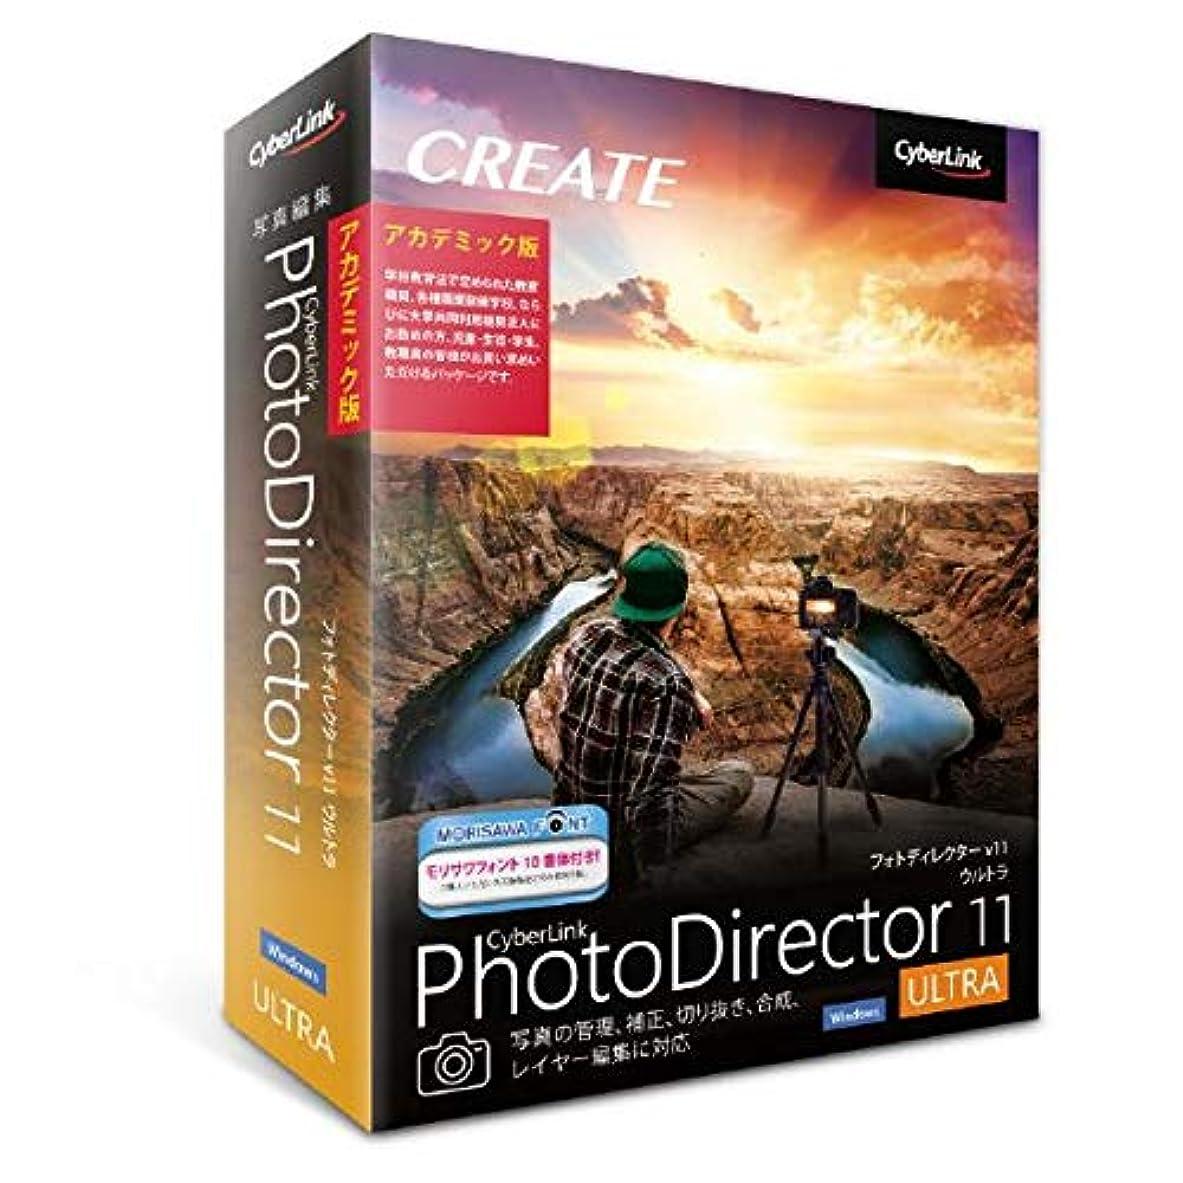 不注意ナイトスポットボクシング【最新版】PhotoDirector 11 Ultra アカデミック版